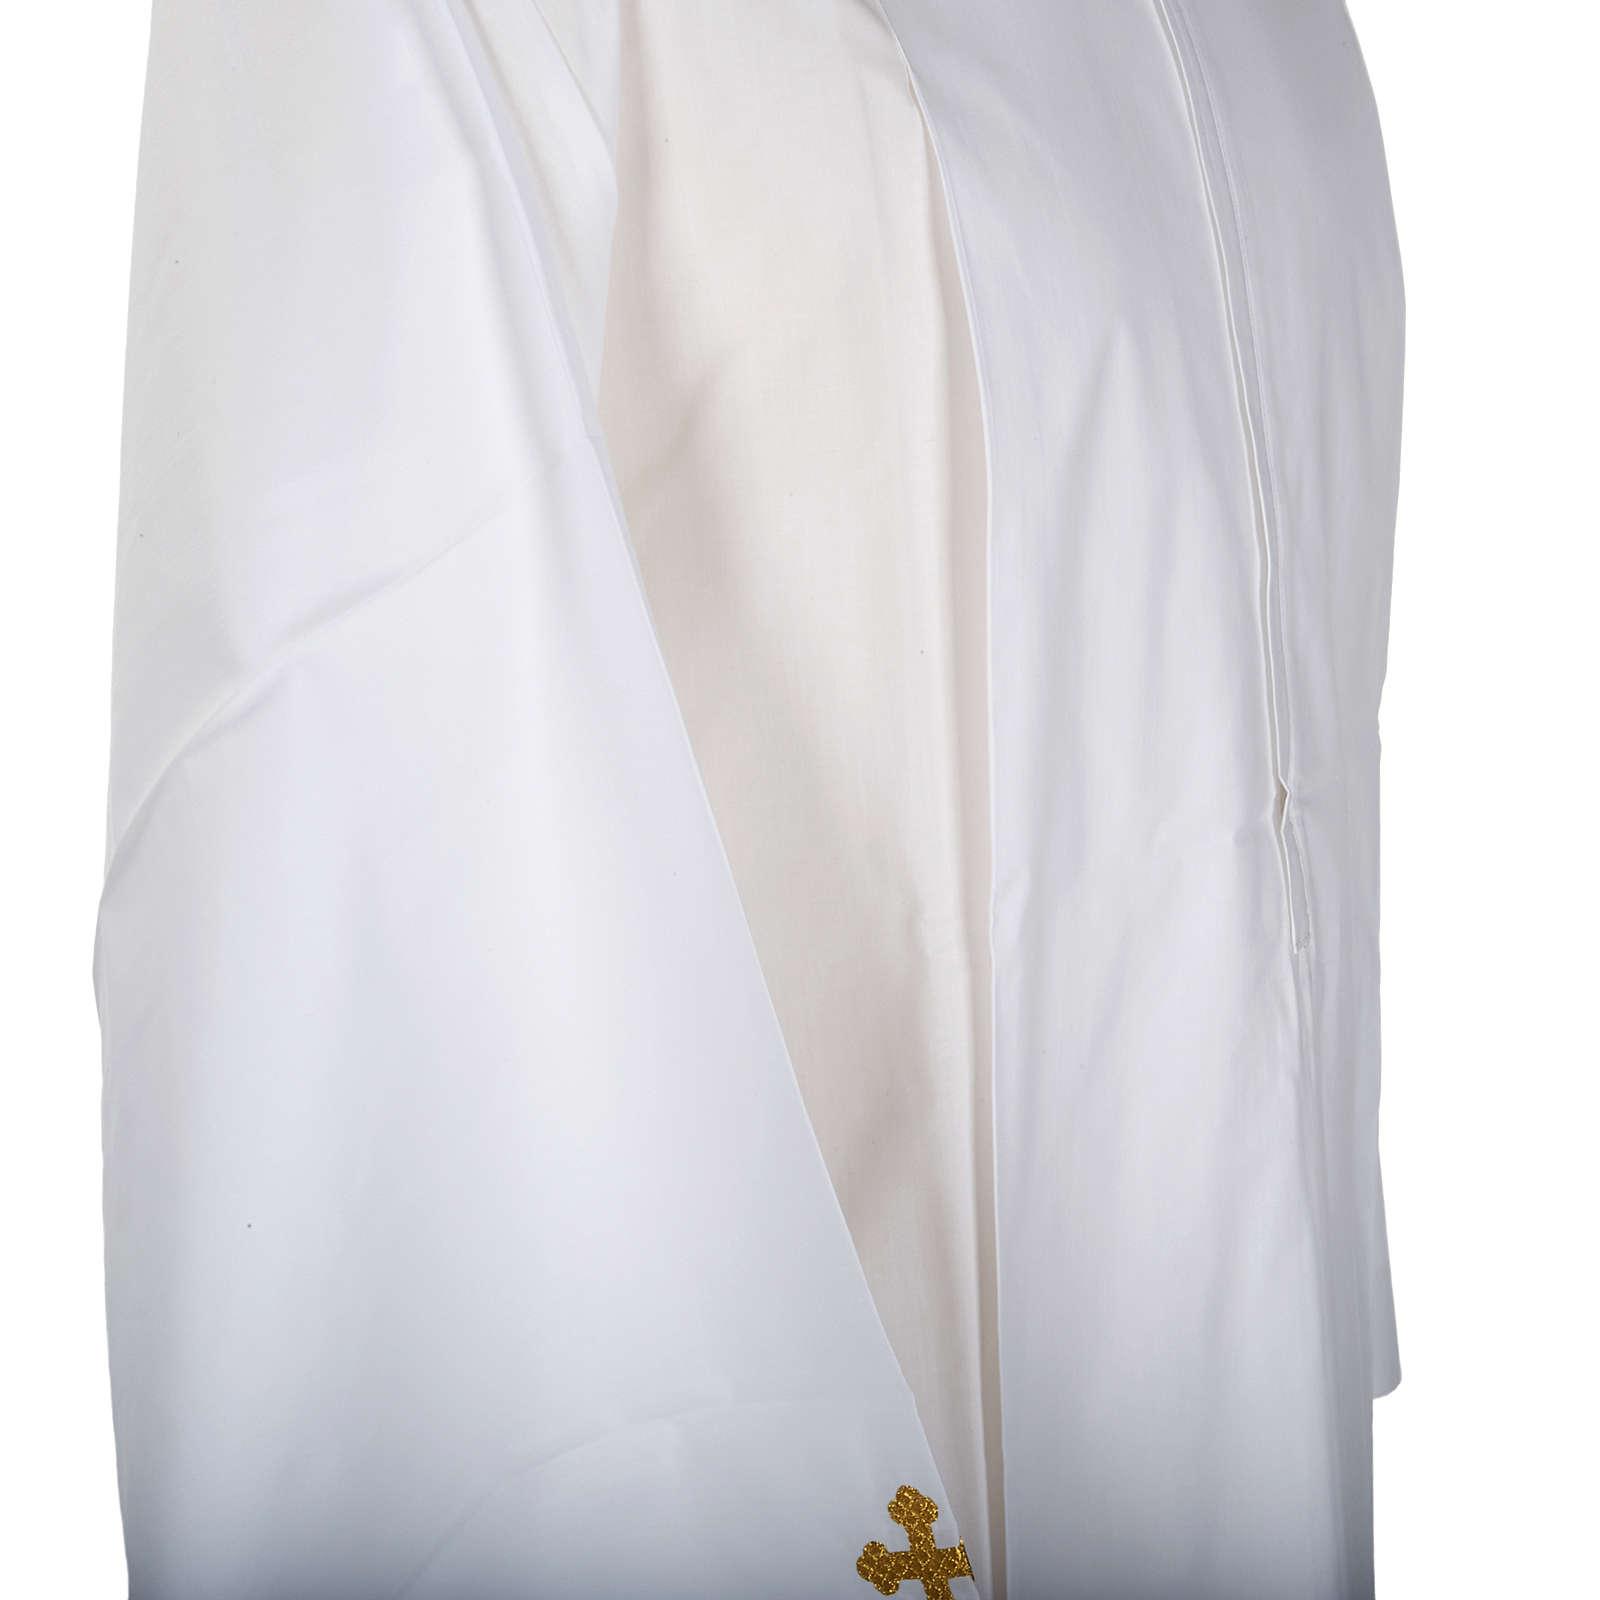 White alb cotton cross motif 4